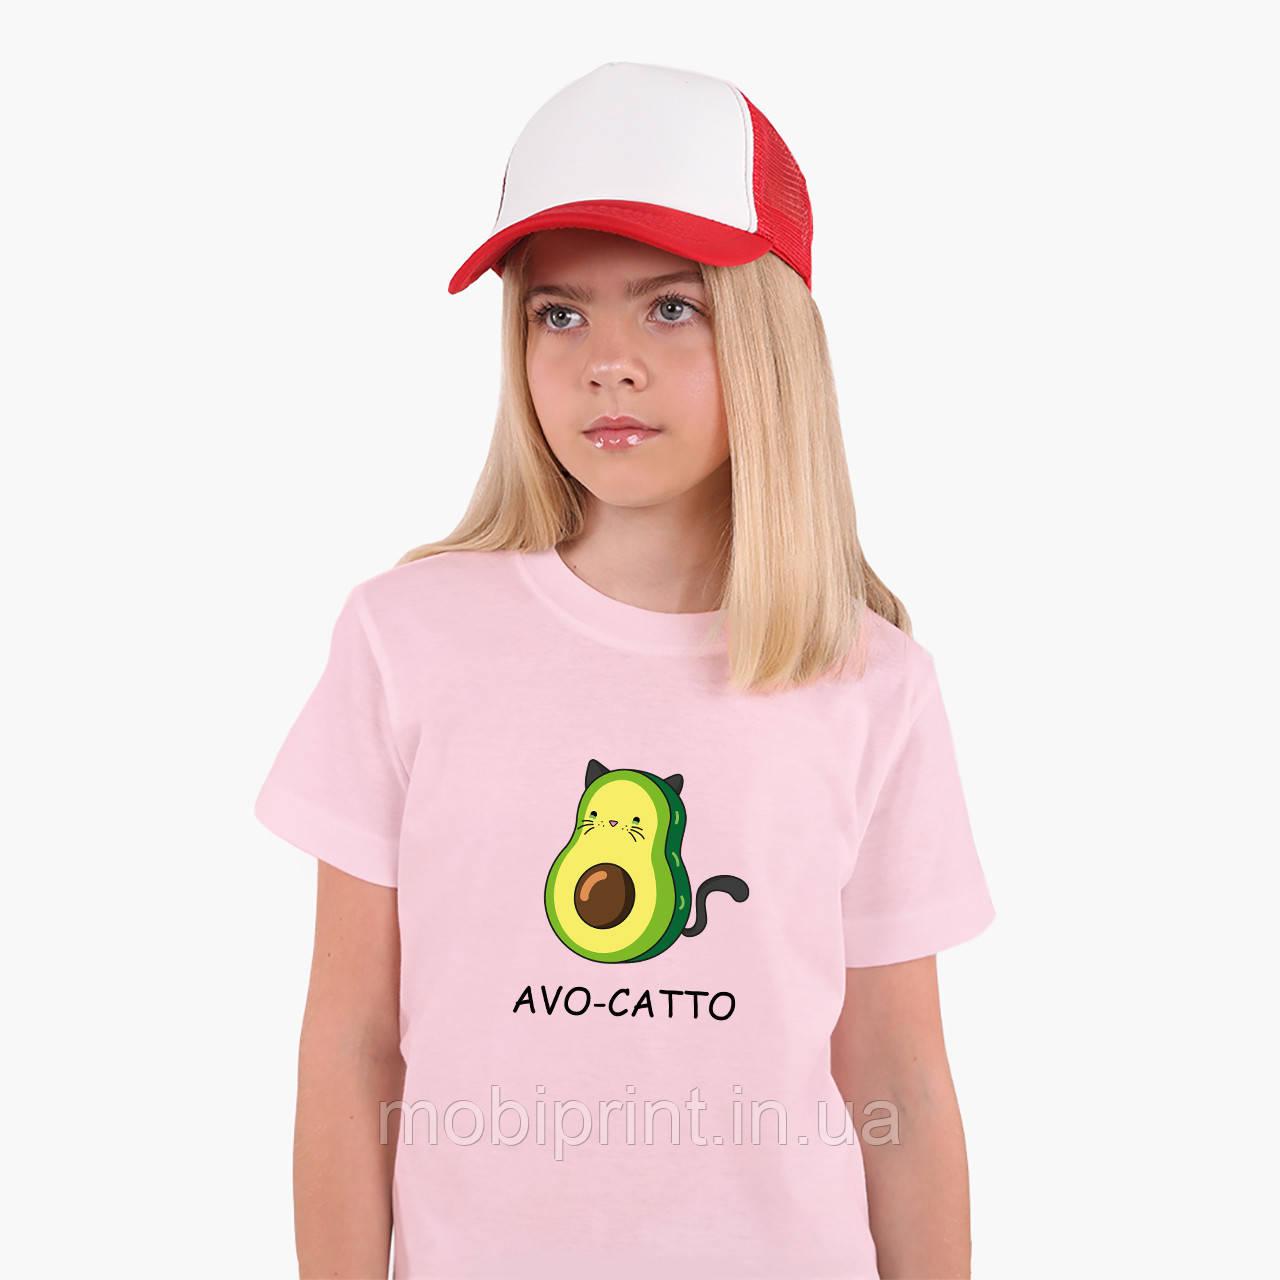 Детская футболка для девочек Авокадо (Avocado) (25186-1372) Розовый